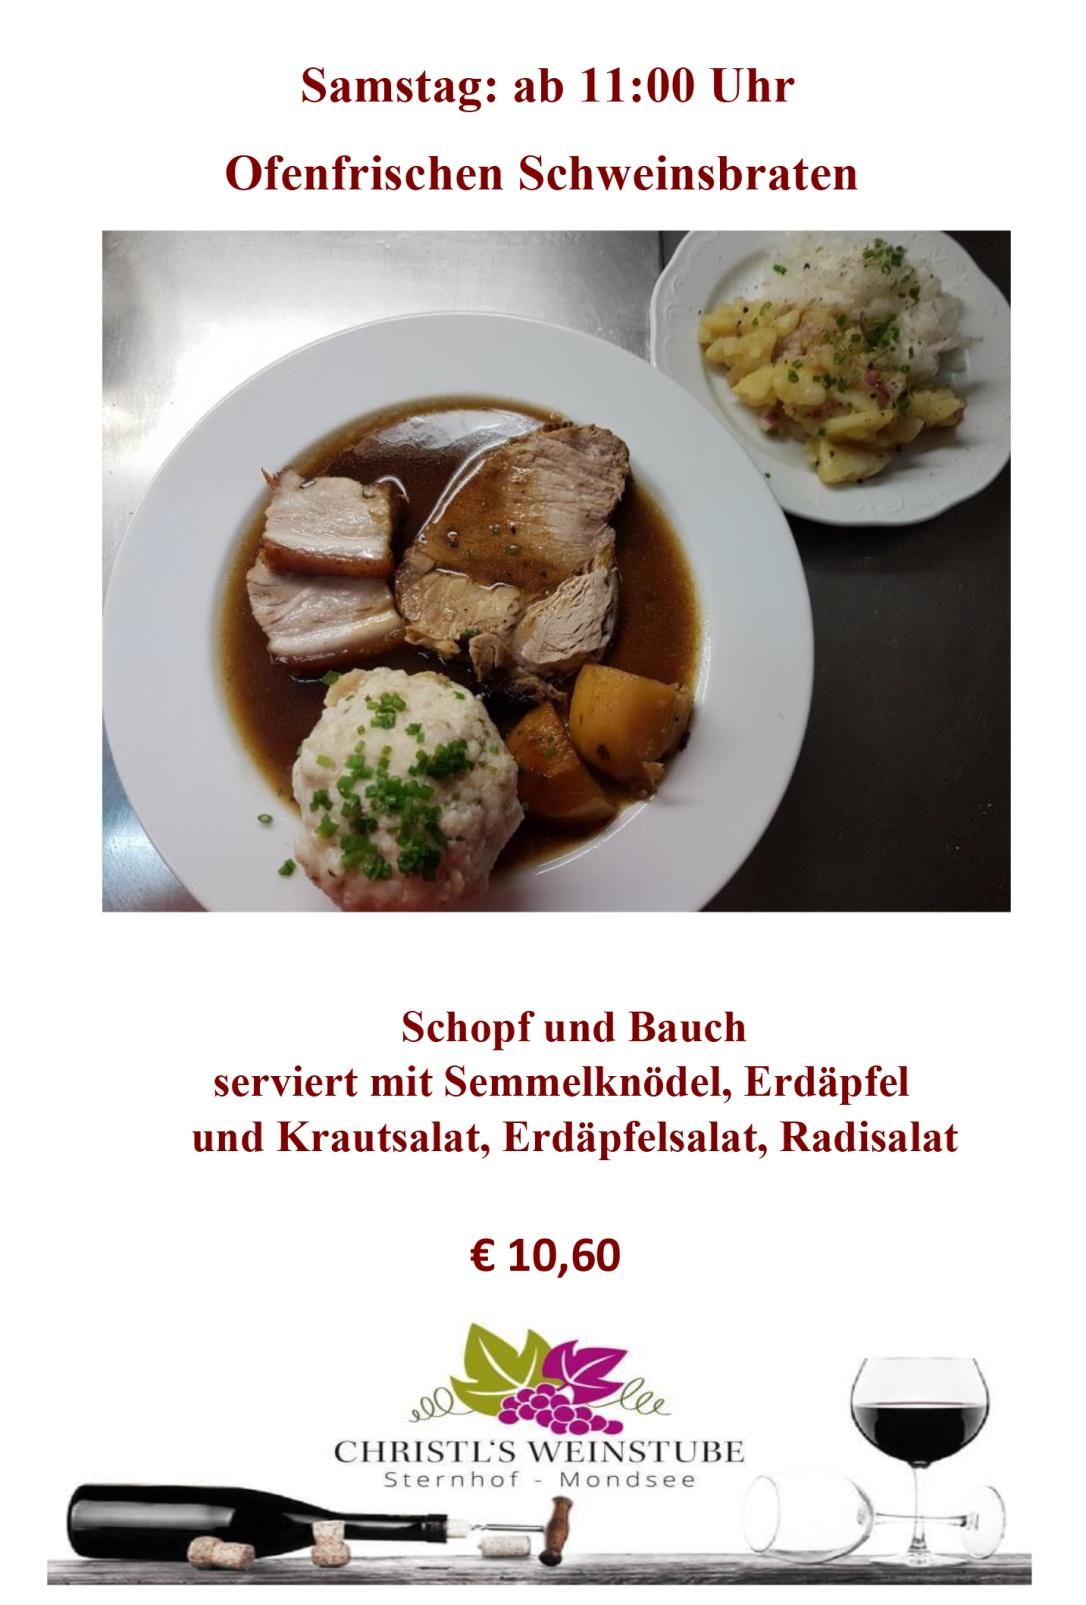 Schweinsbraten - Samstag 2020